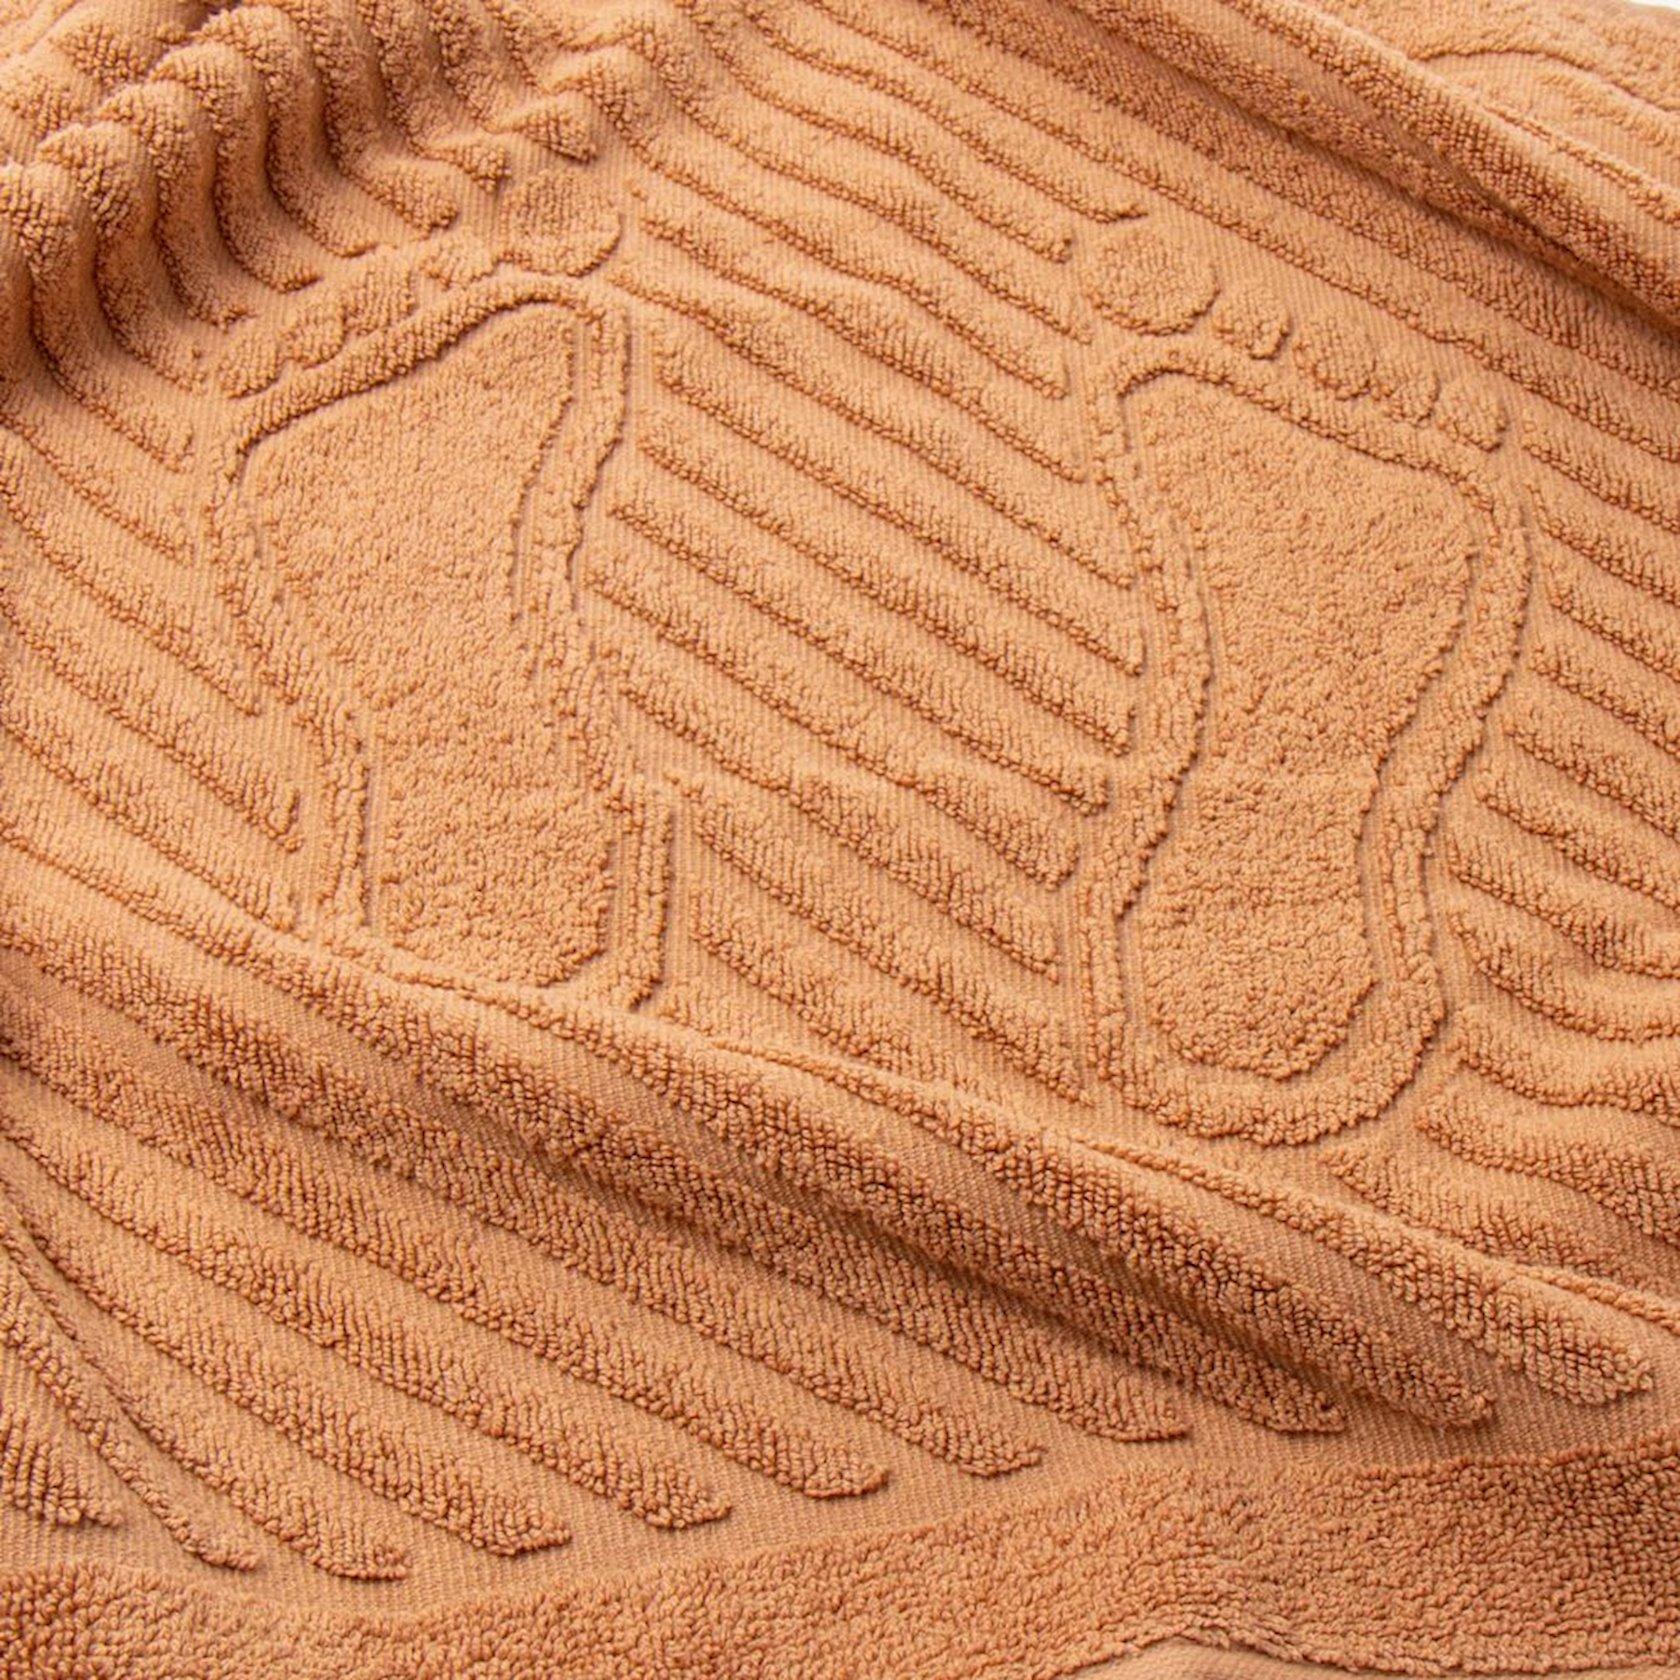 Ayaq dəsmalı ADT Camel 50x70, sıxlıq 700 qr/m²